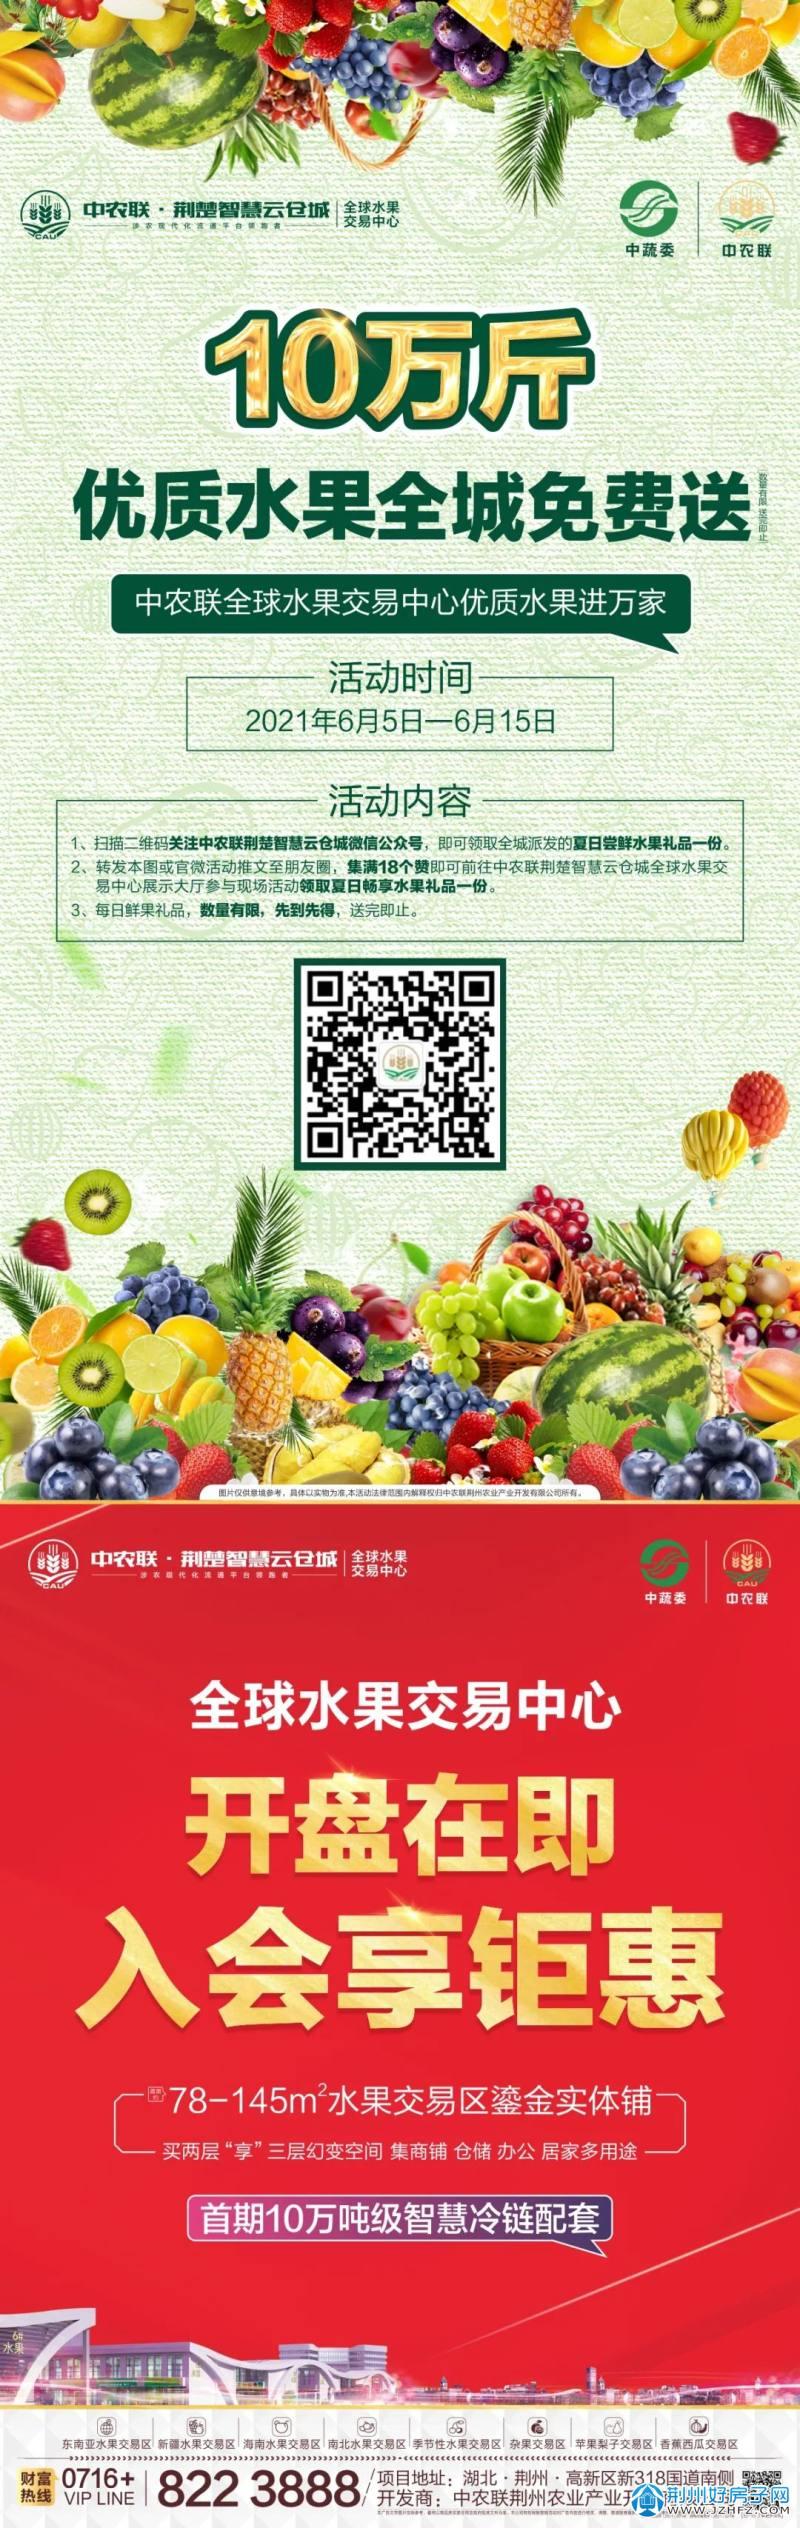 中农联荆楚智慧云仓城 |全球水果交易中心开盘在即 十万斤水果免费送